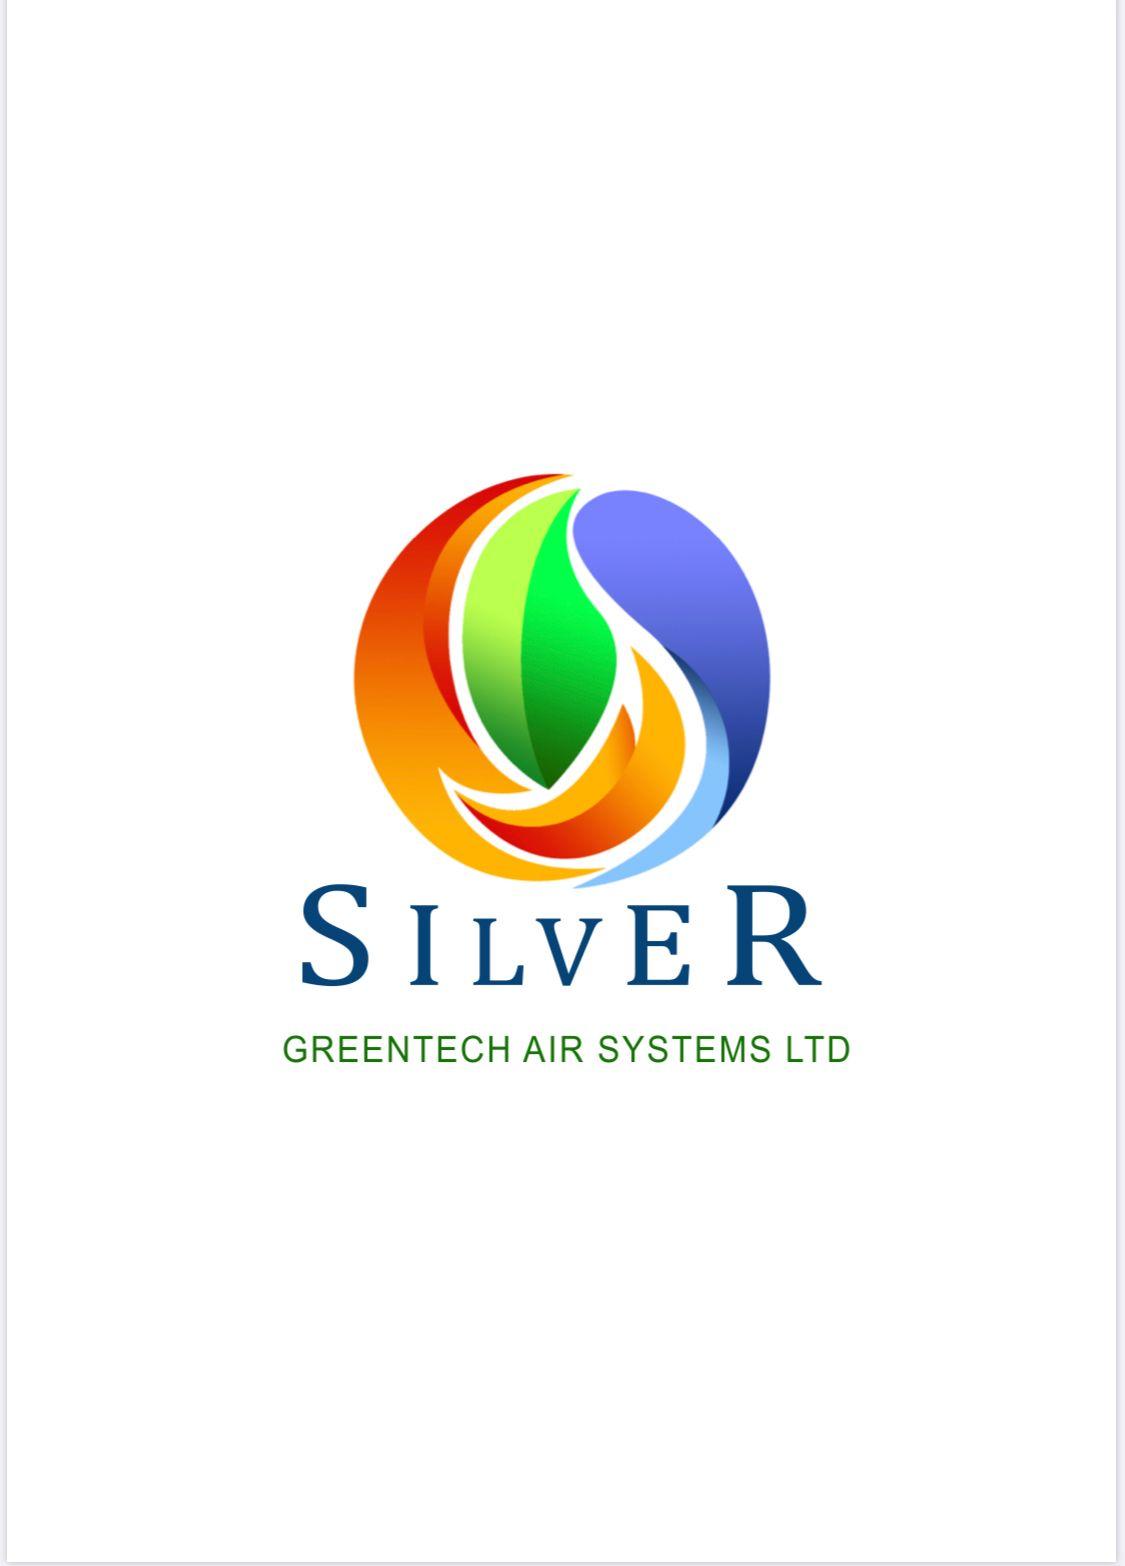 Silver Greentech Air Systems Ltd